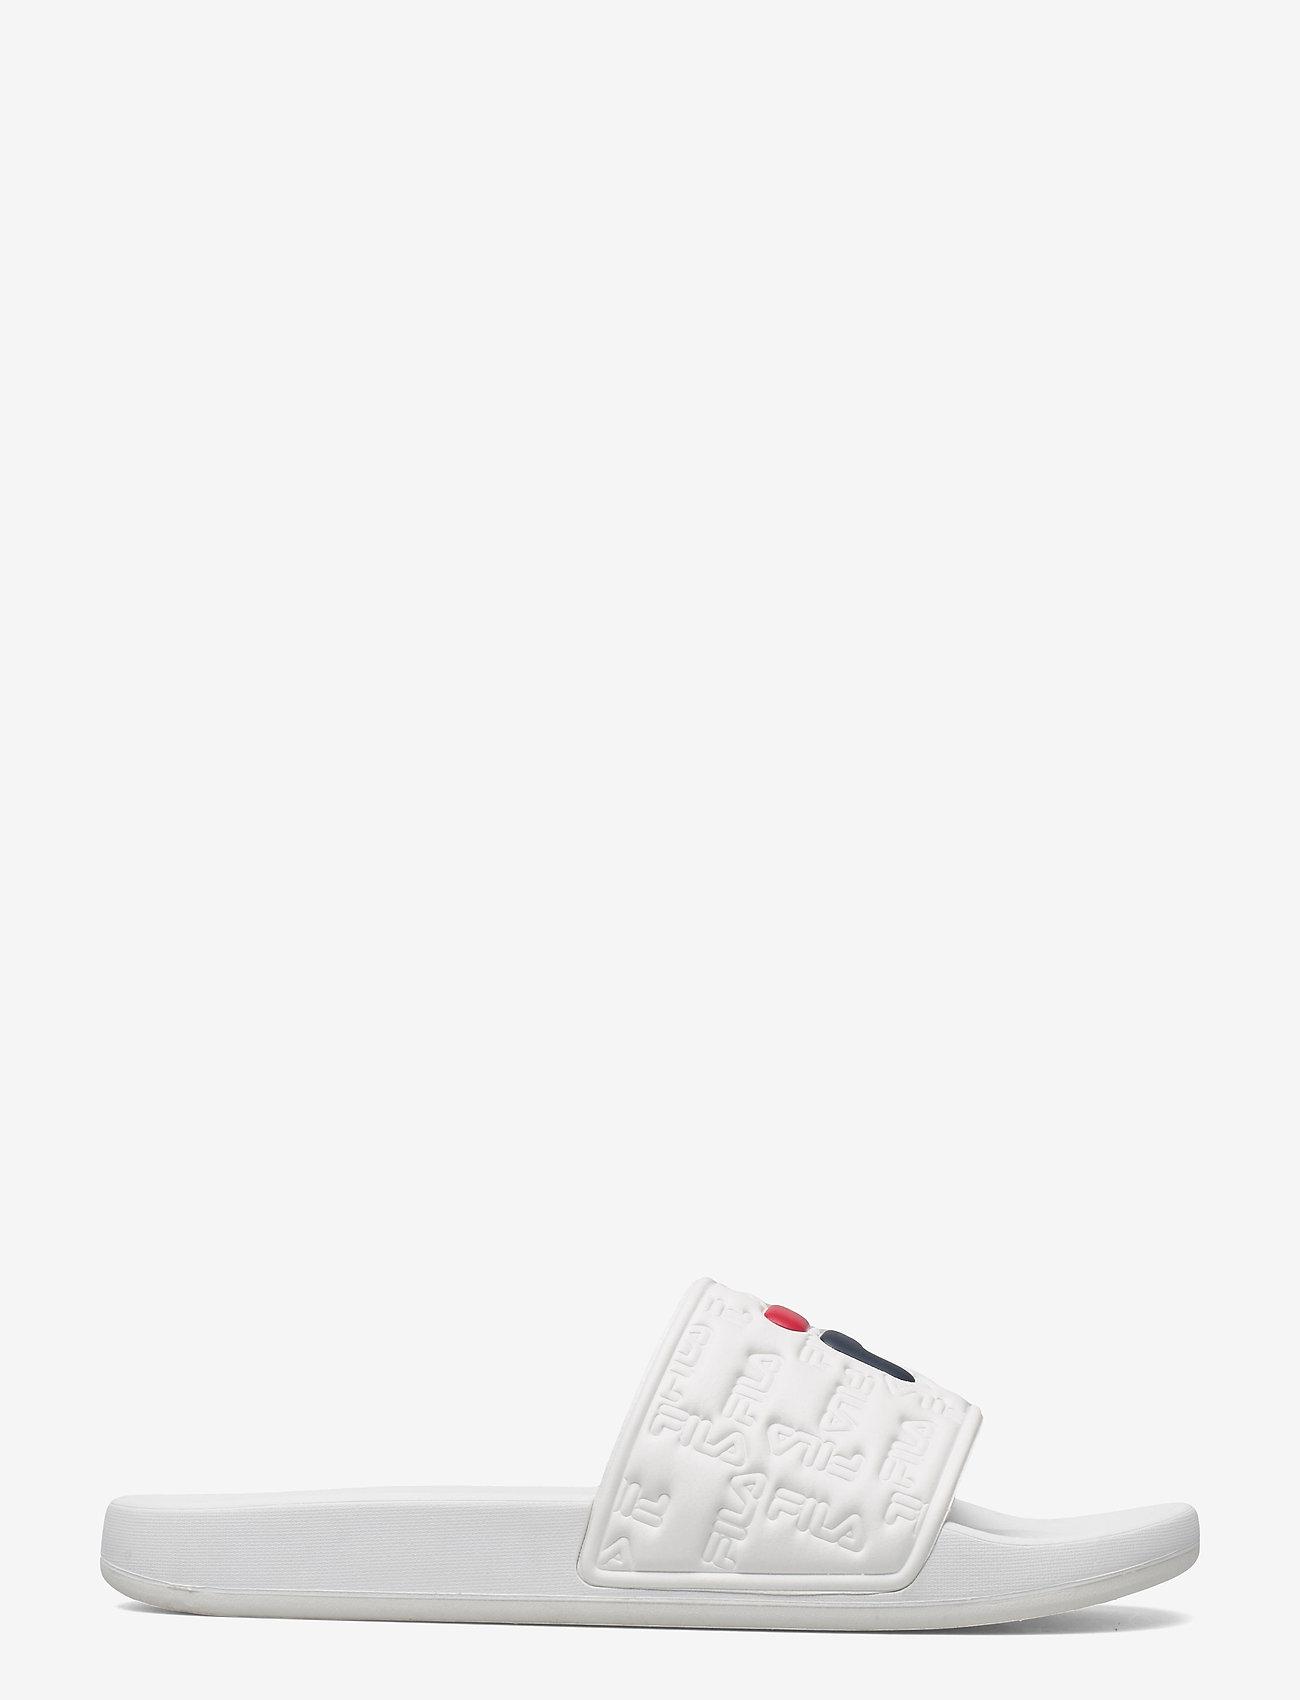 FILA - Baywalk slipper - urheilukengät - white - 1